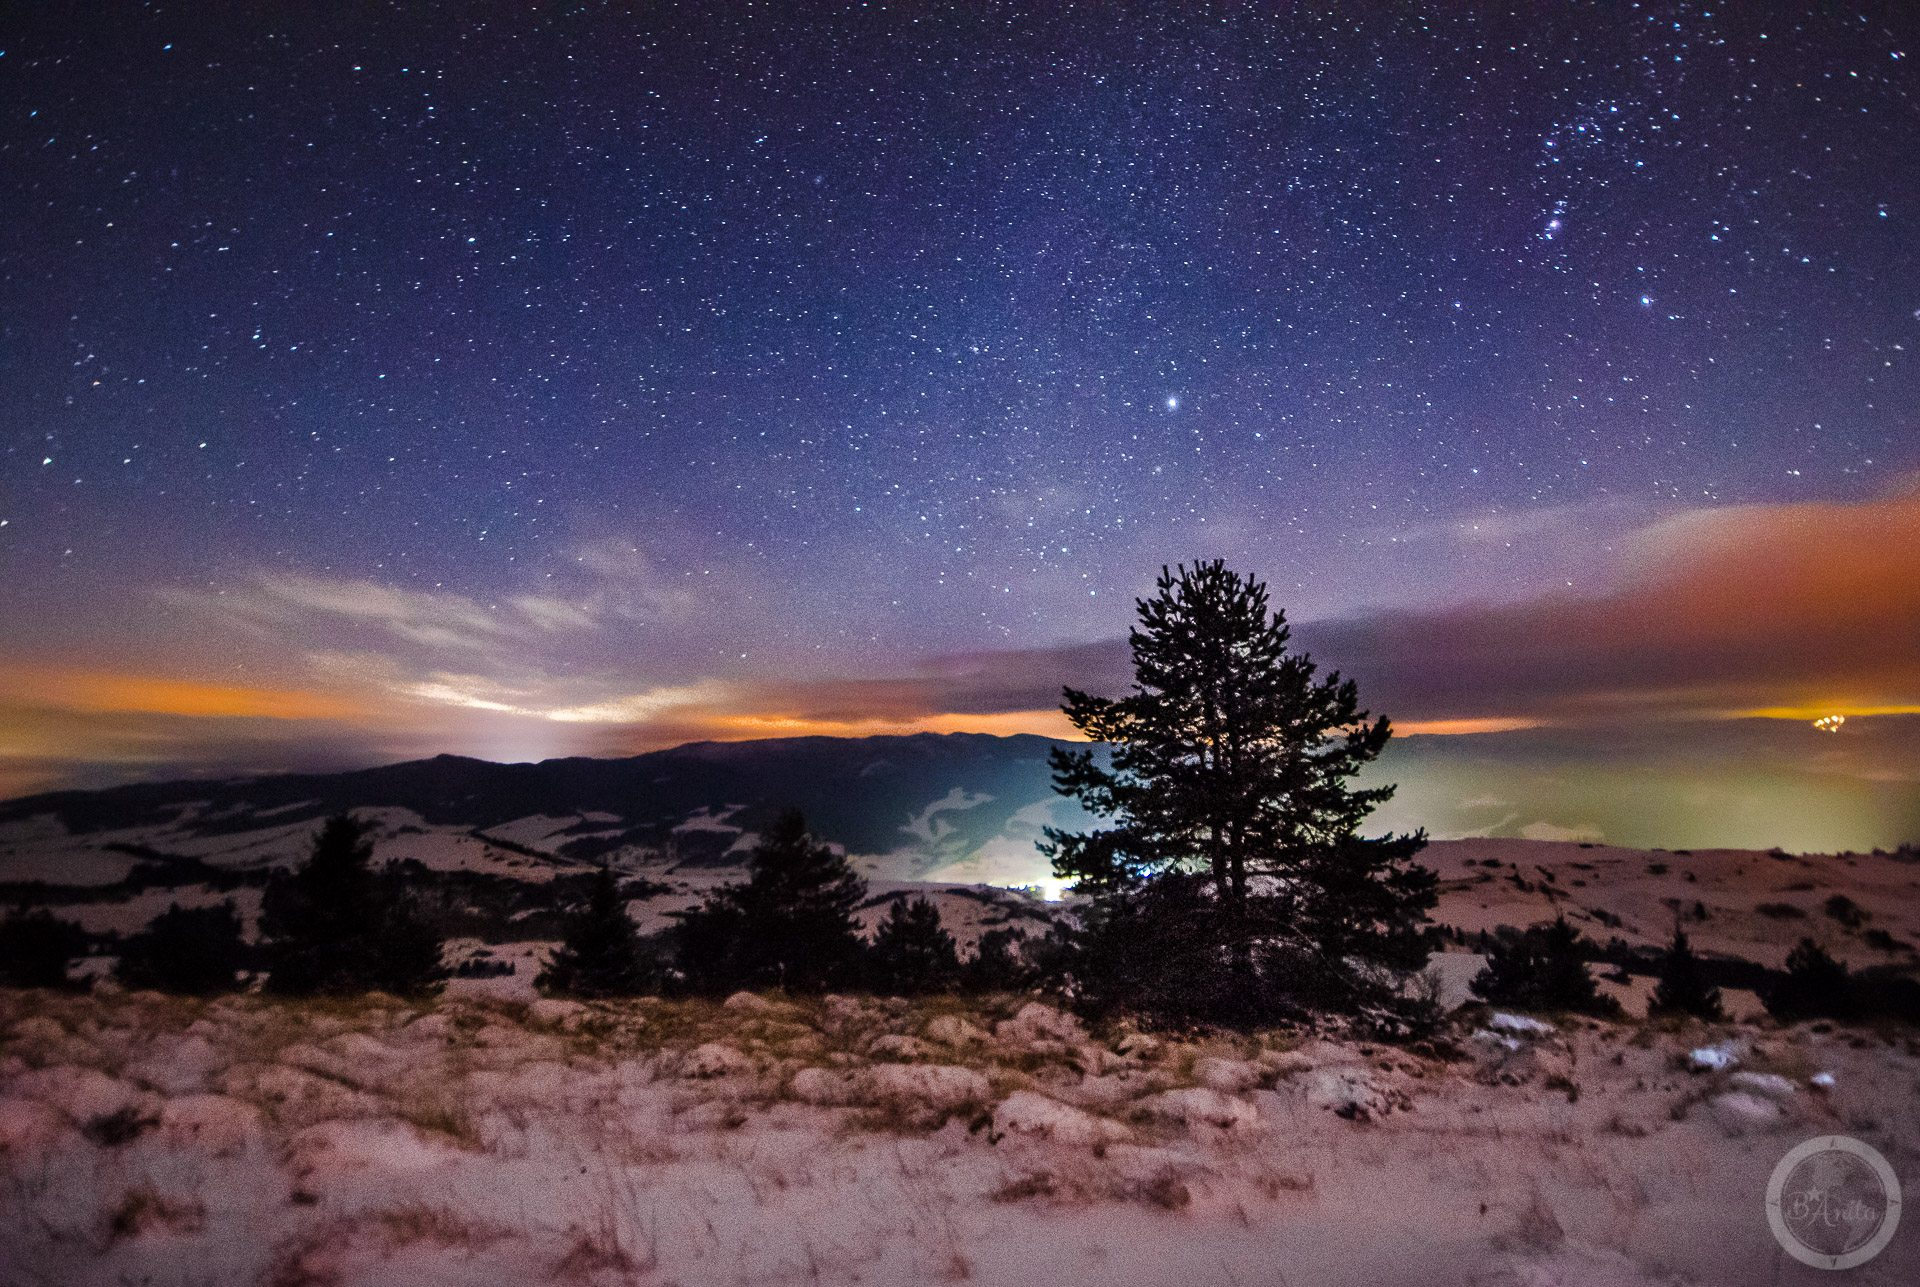 Nocne zdjęcie rozgwieżdżone nieba wykonane naszczycie góry. Wysoki Wierch, Małe pieniny Wdolinach widać światła miasteczek.